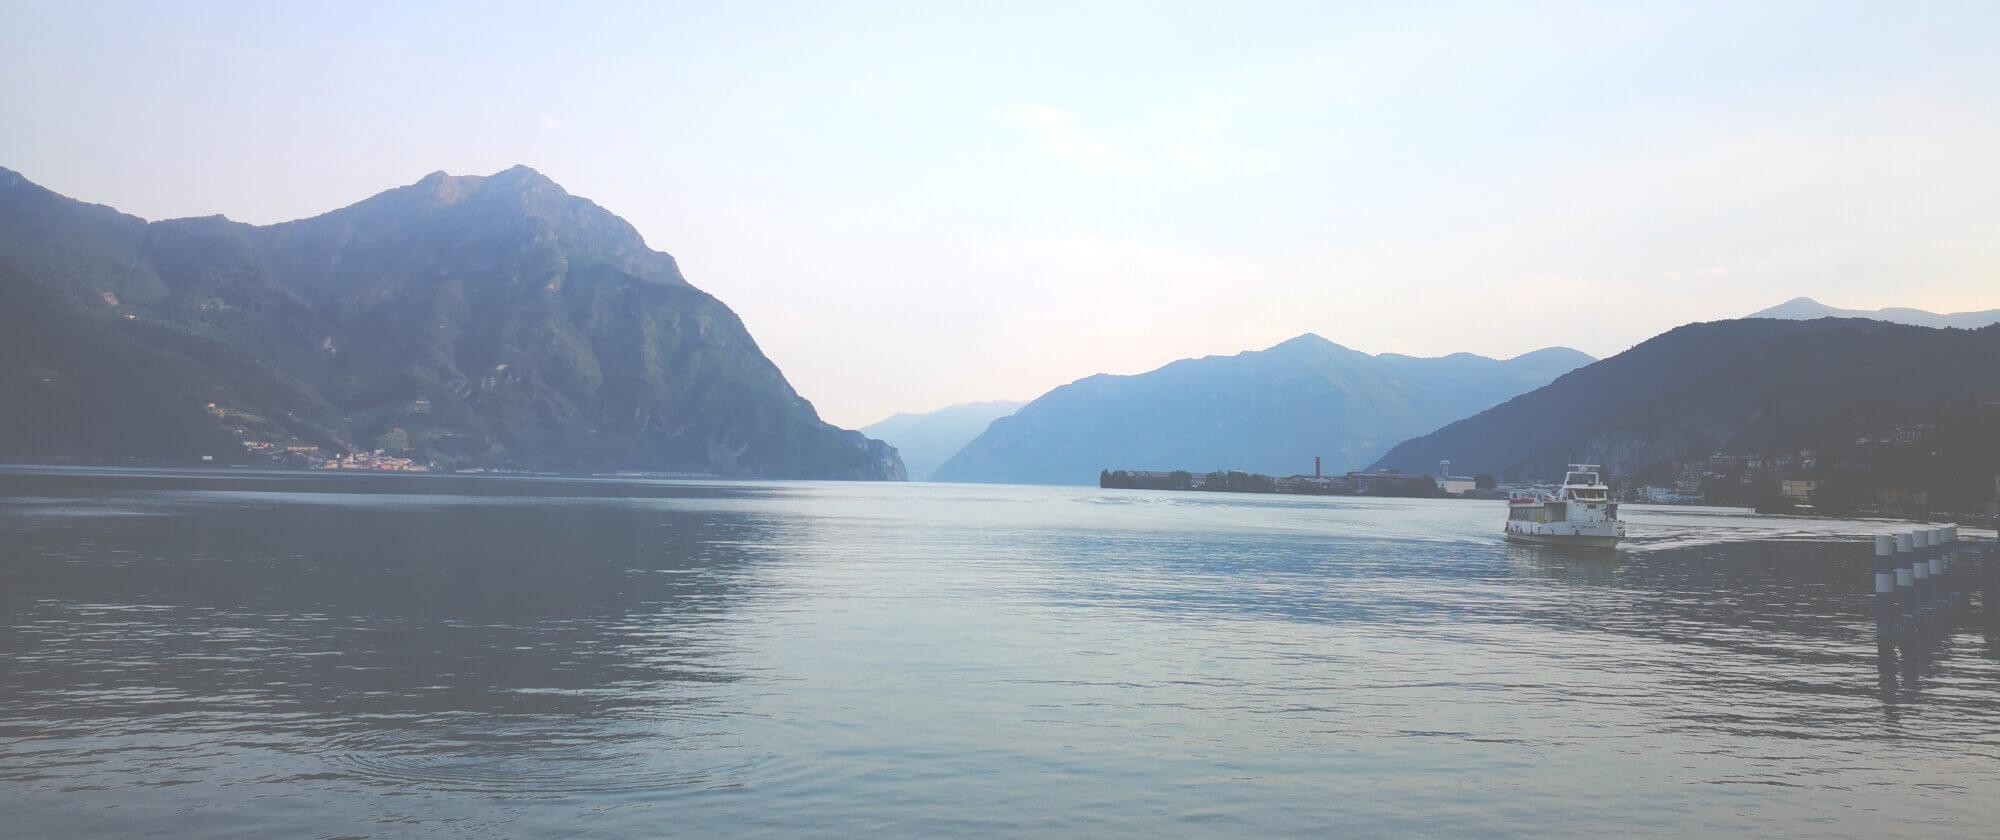 viaggiare-zaino-in-spalla-lago-iseo-lovere-banner